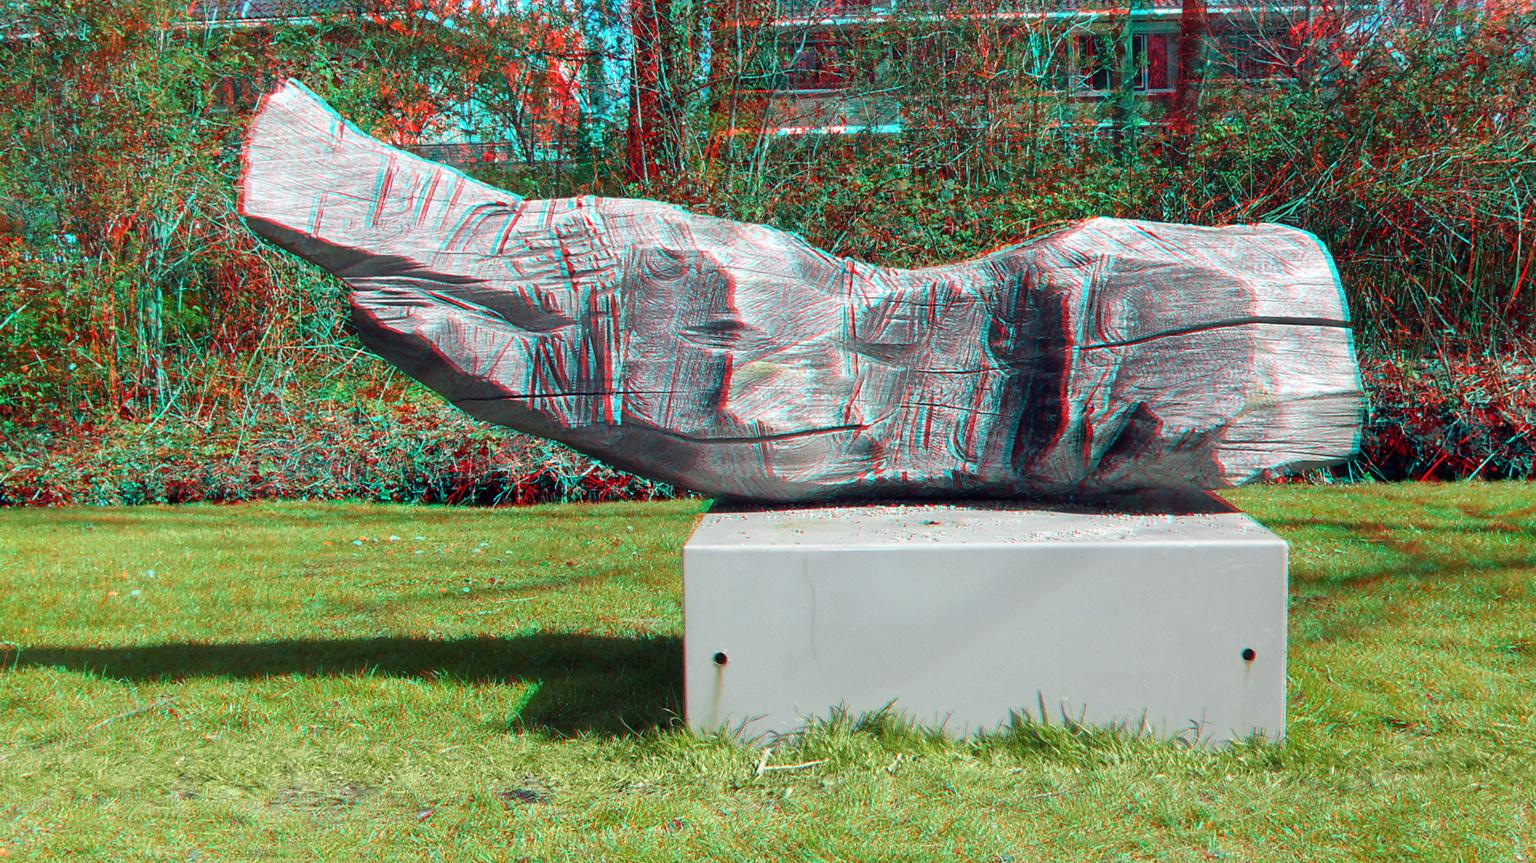 Maria Glandorf  in Merwesteinpark Dordrecht 3D - anaglyph stereo red/cyan - foto door hoppenbrouwers op 13-04-2021 - locatie: Dordrecht, Nederland - deze foto bevat: vogel, standbeeld, beeldhouwwerk, gras, kunst, fabriek, lettertype, grass familie, artefact, monument